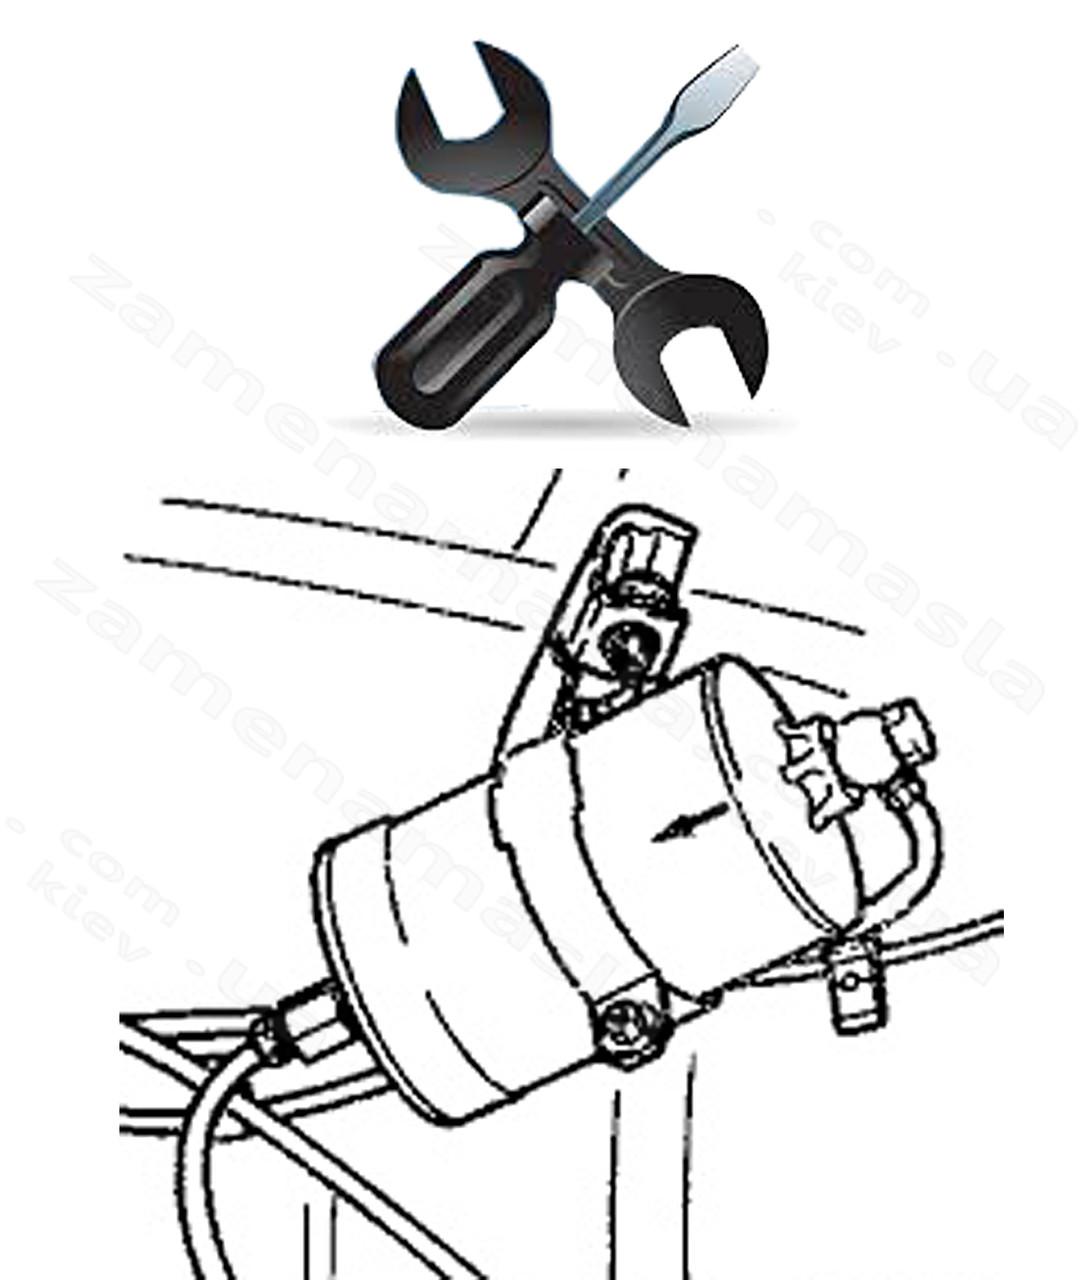 Замена топливного фильтра(бензин)